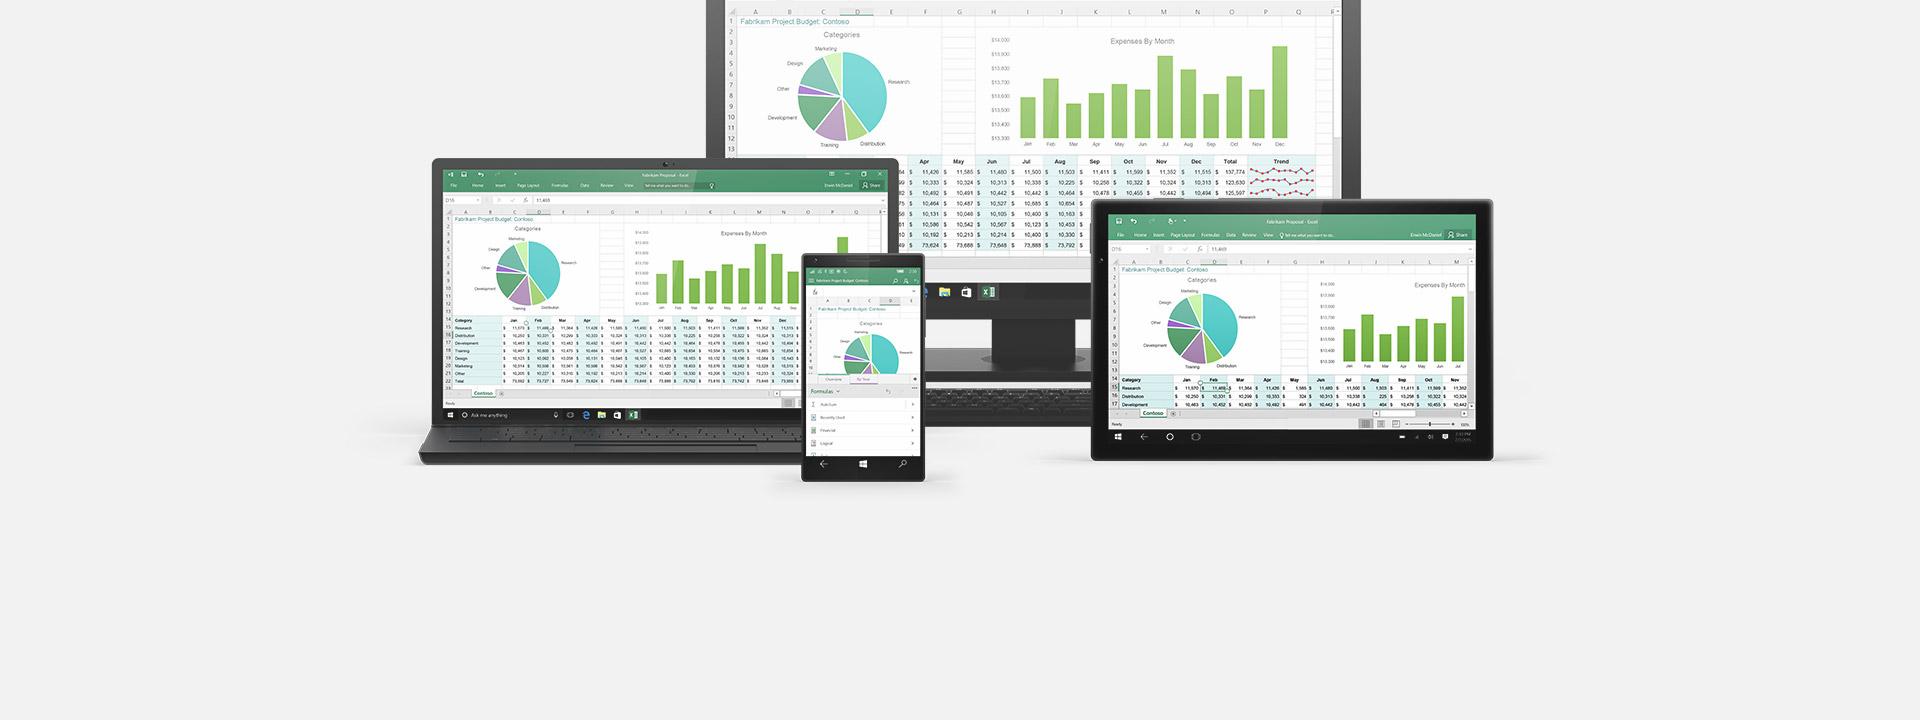 Többféle készülék; ismerkedés az Office 365-tel